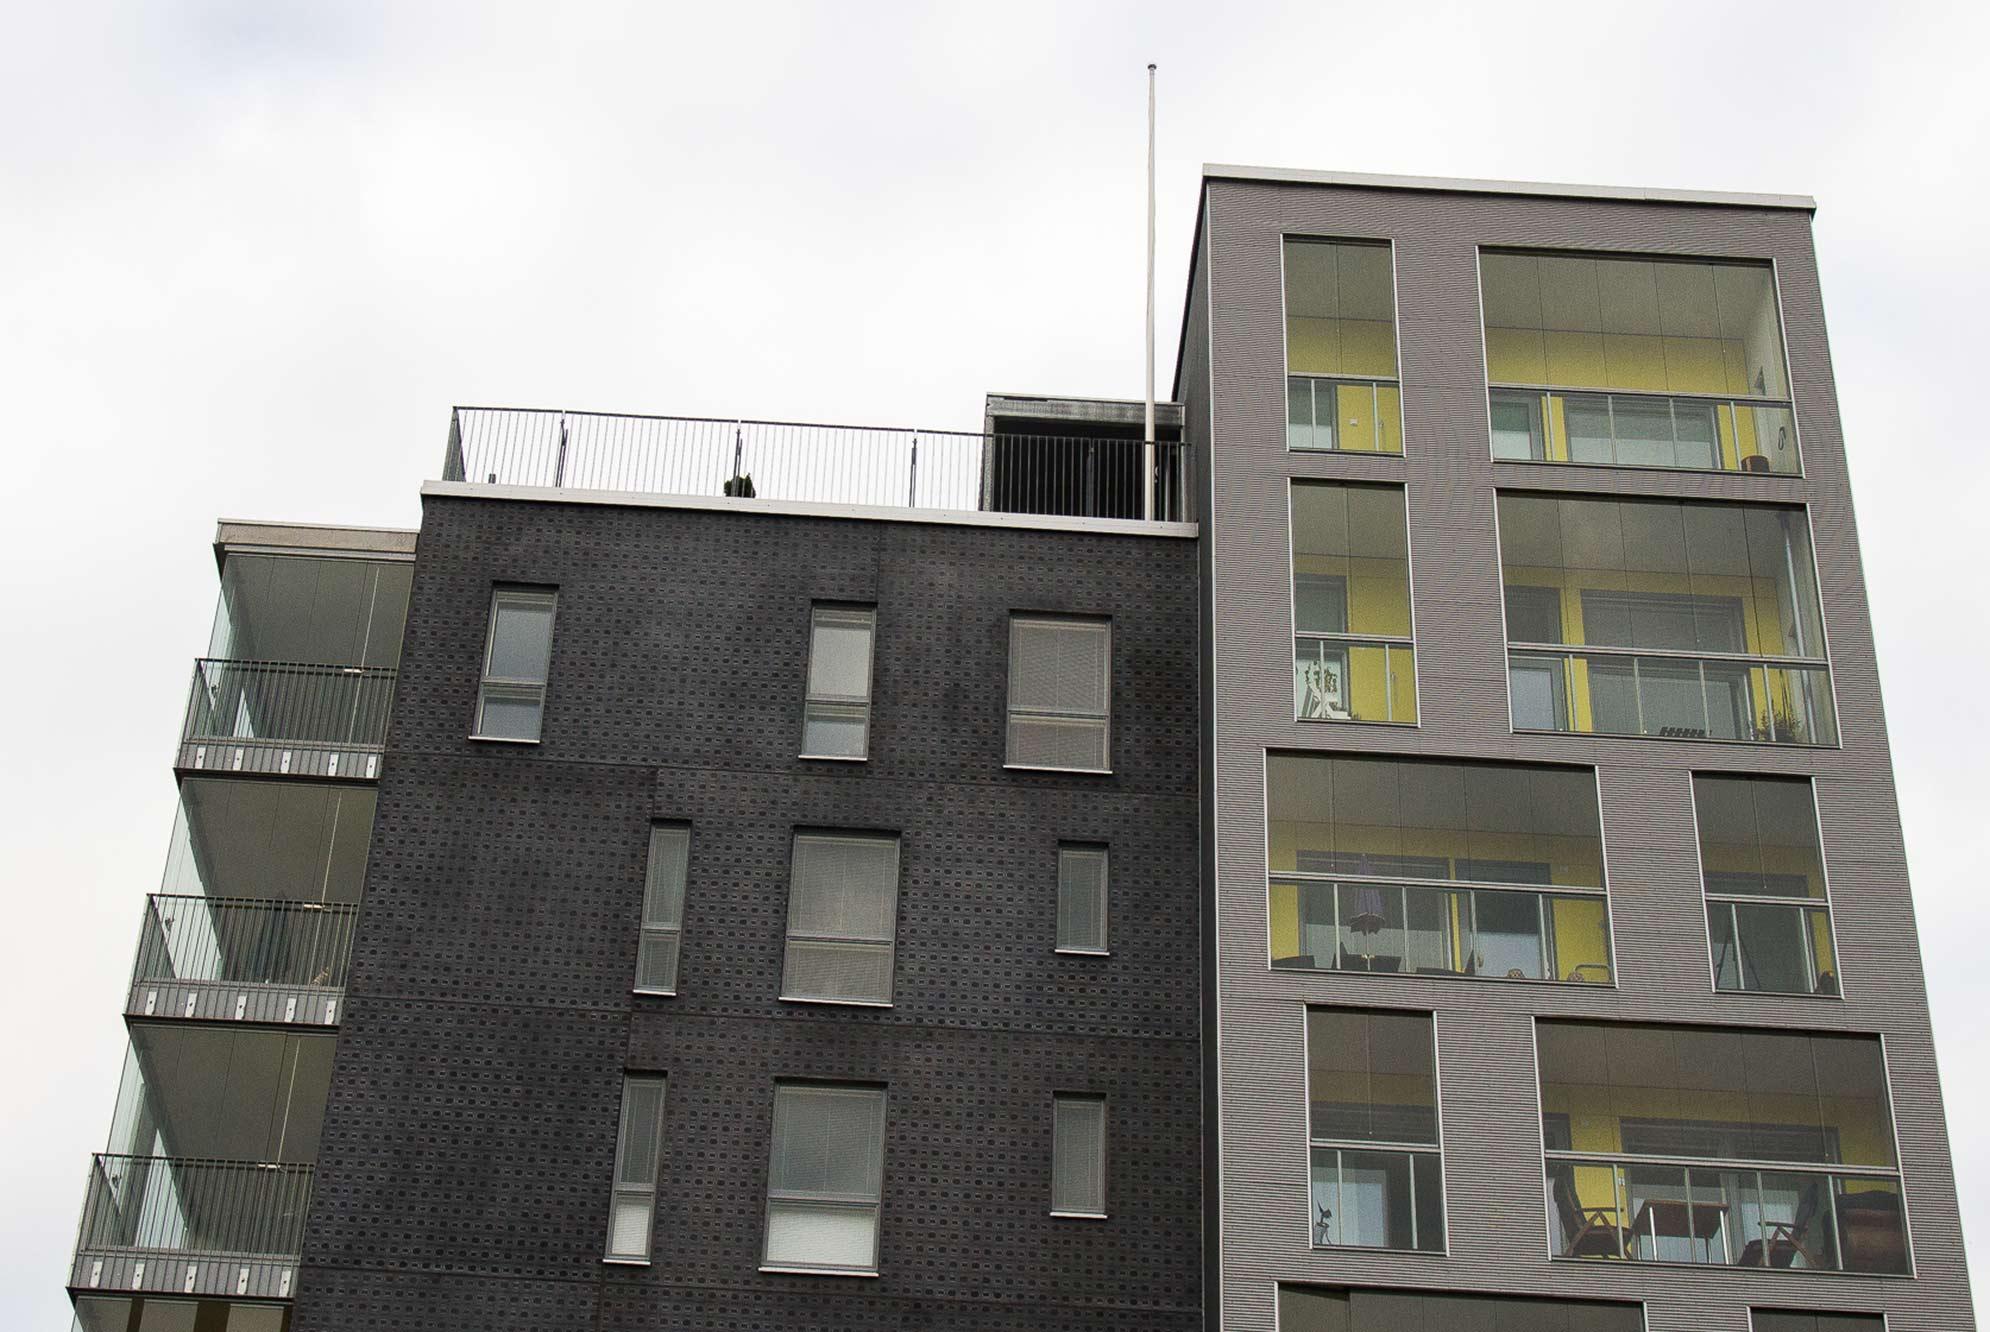 edificios-acristalados-Lumon-norte-europa-13